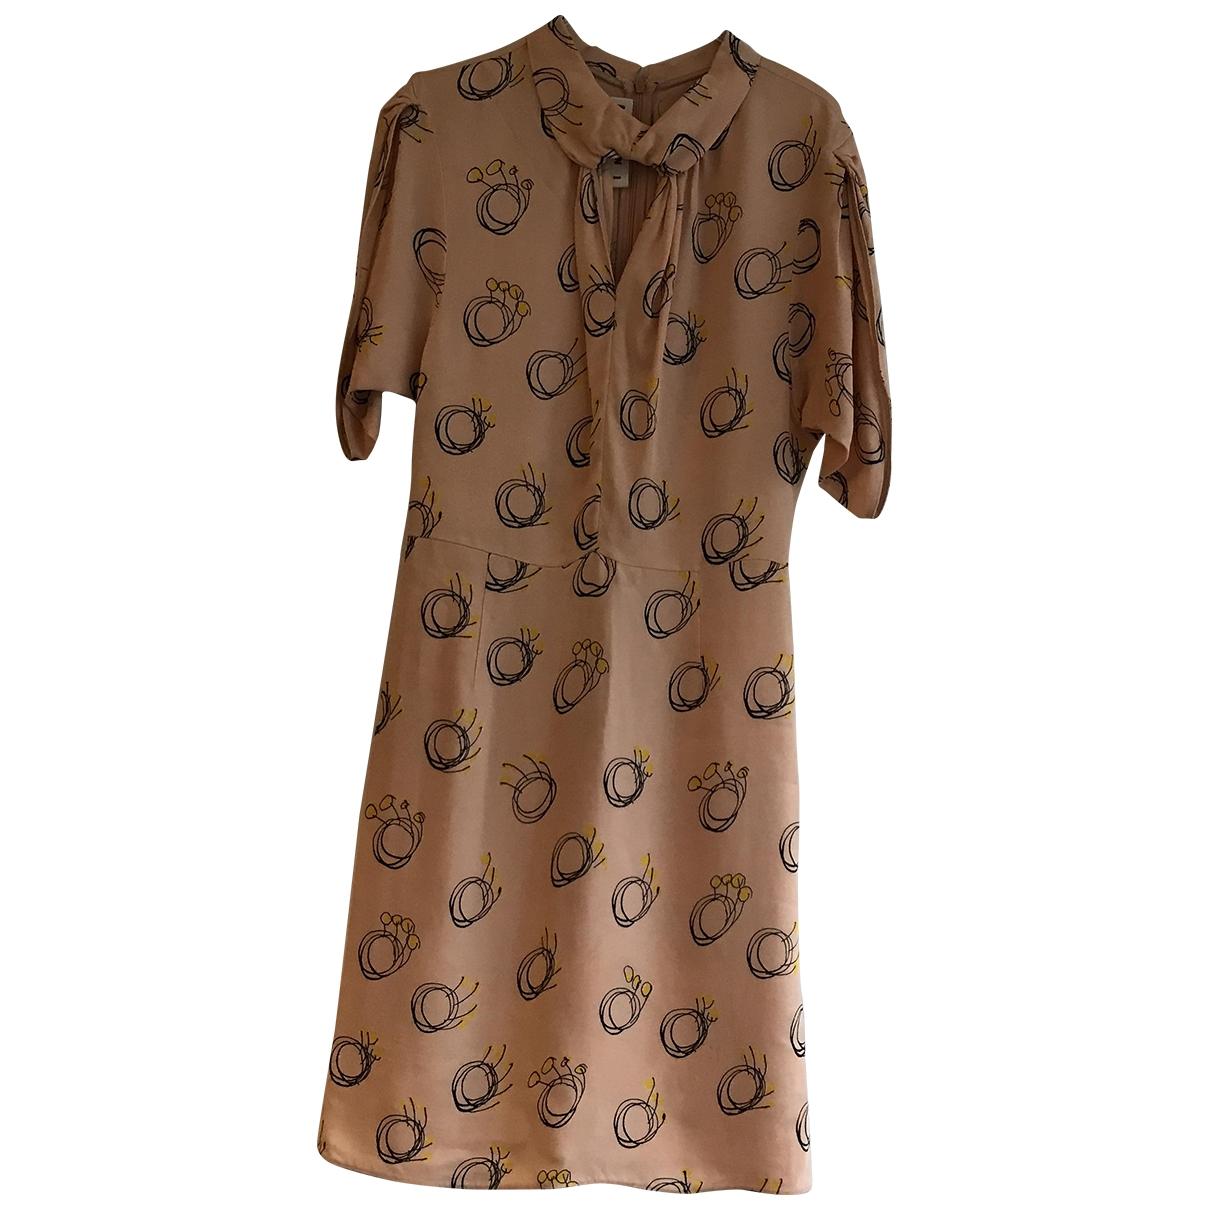 Marni \N Kleid in  Beige Viskose